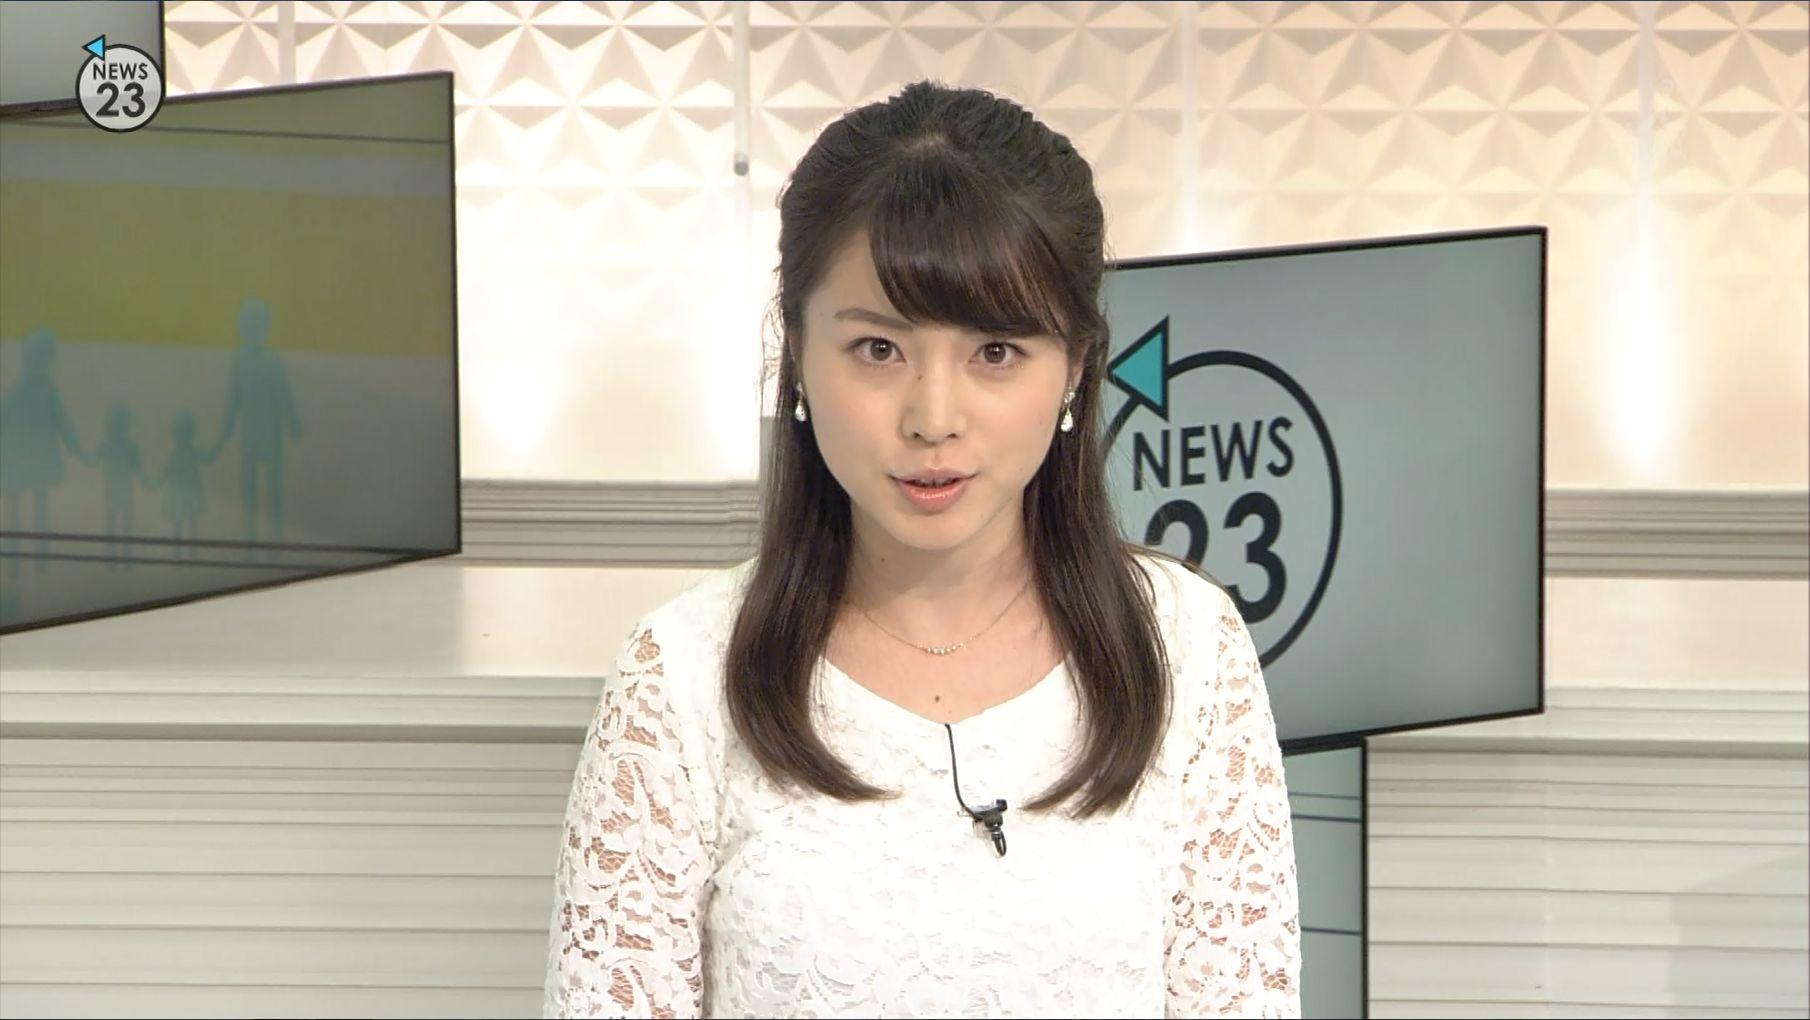 皆川玲奈アナの結婚歴や歴代彼氏元カレは?顔画像や馴れ初め・噂を調査!